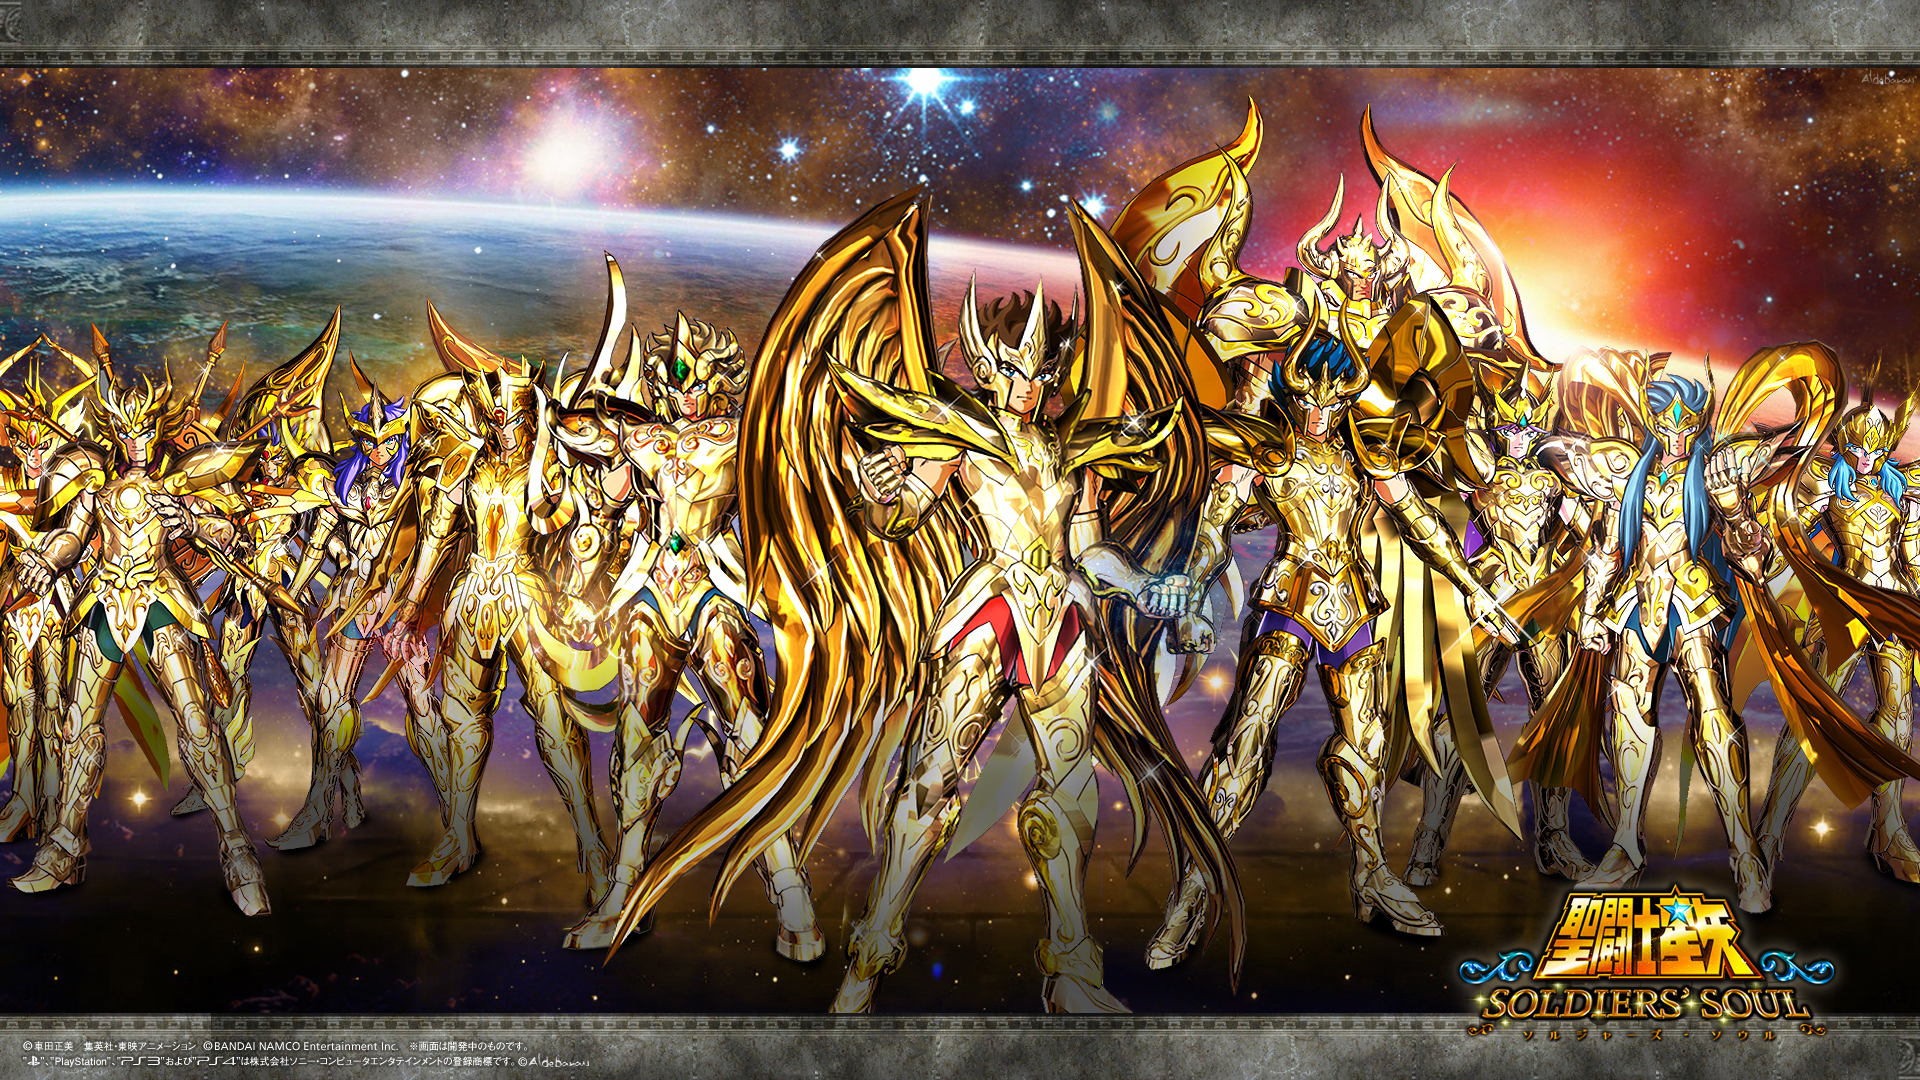 Saint seiya soldiers soul wallpaper gold saints by - Saint seiya wallpaper desktop ...